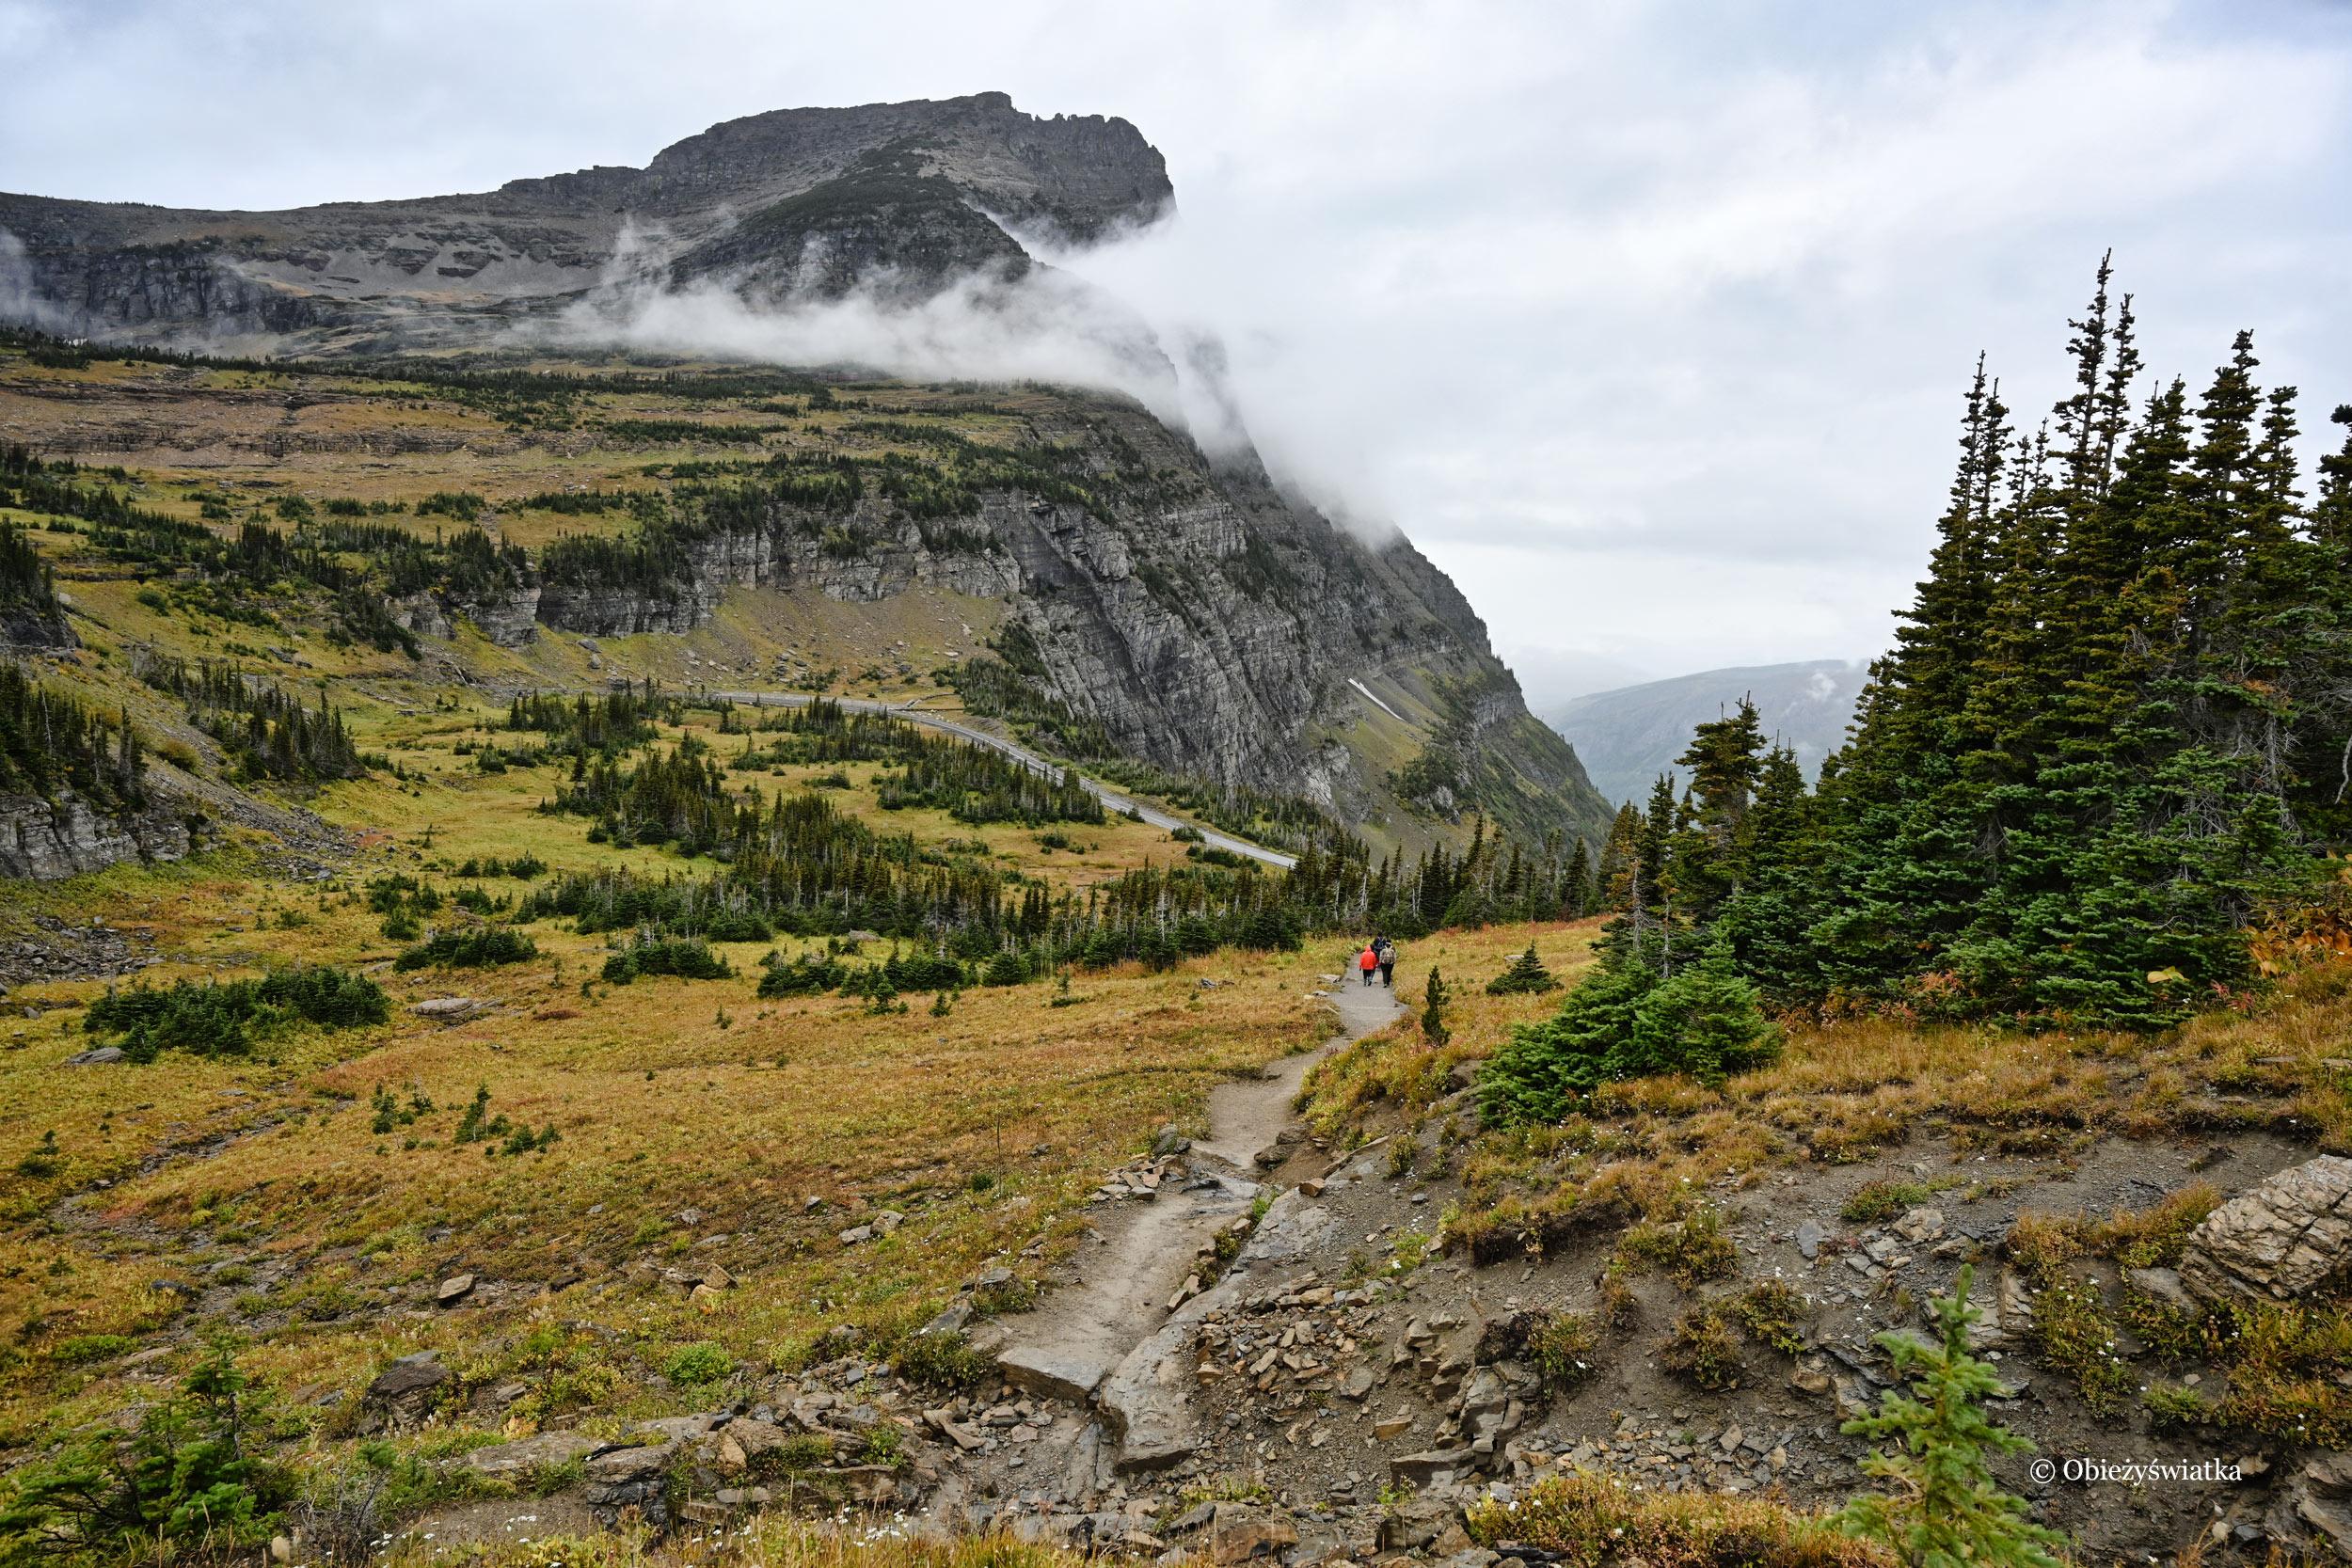 Na szlaku - Glacier National Park, Montana